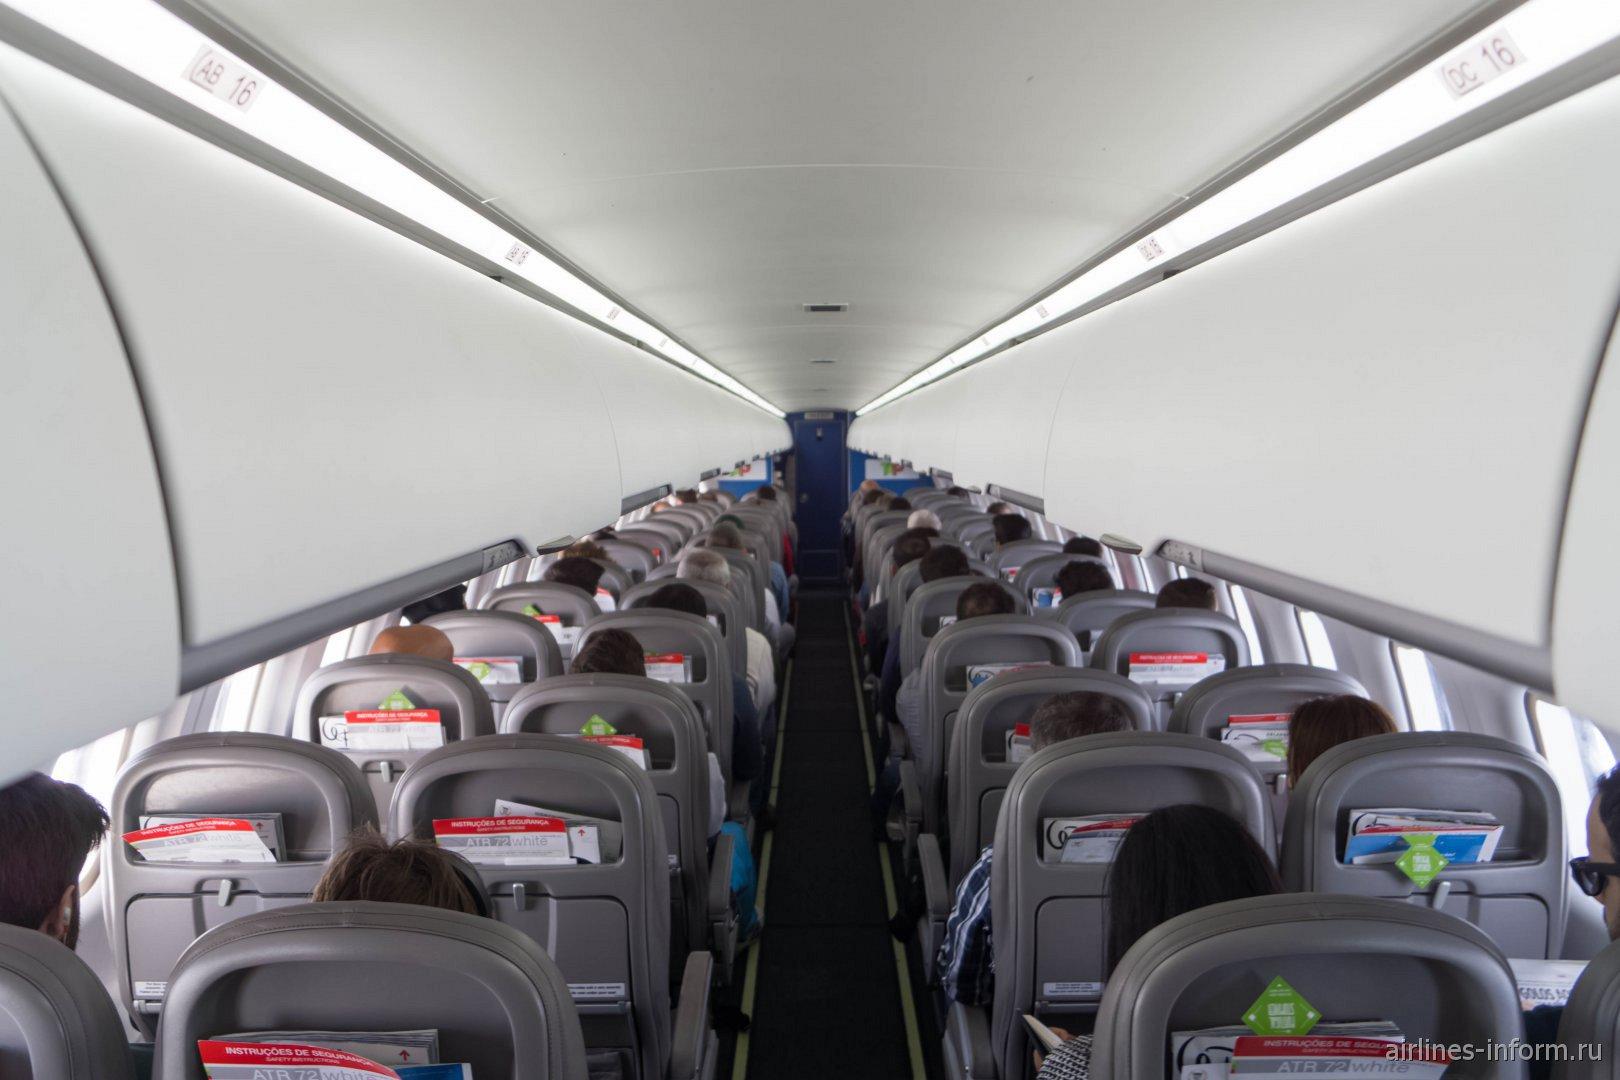 Пассажирский салон самолета ATR 72 авиакомпании White Airways